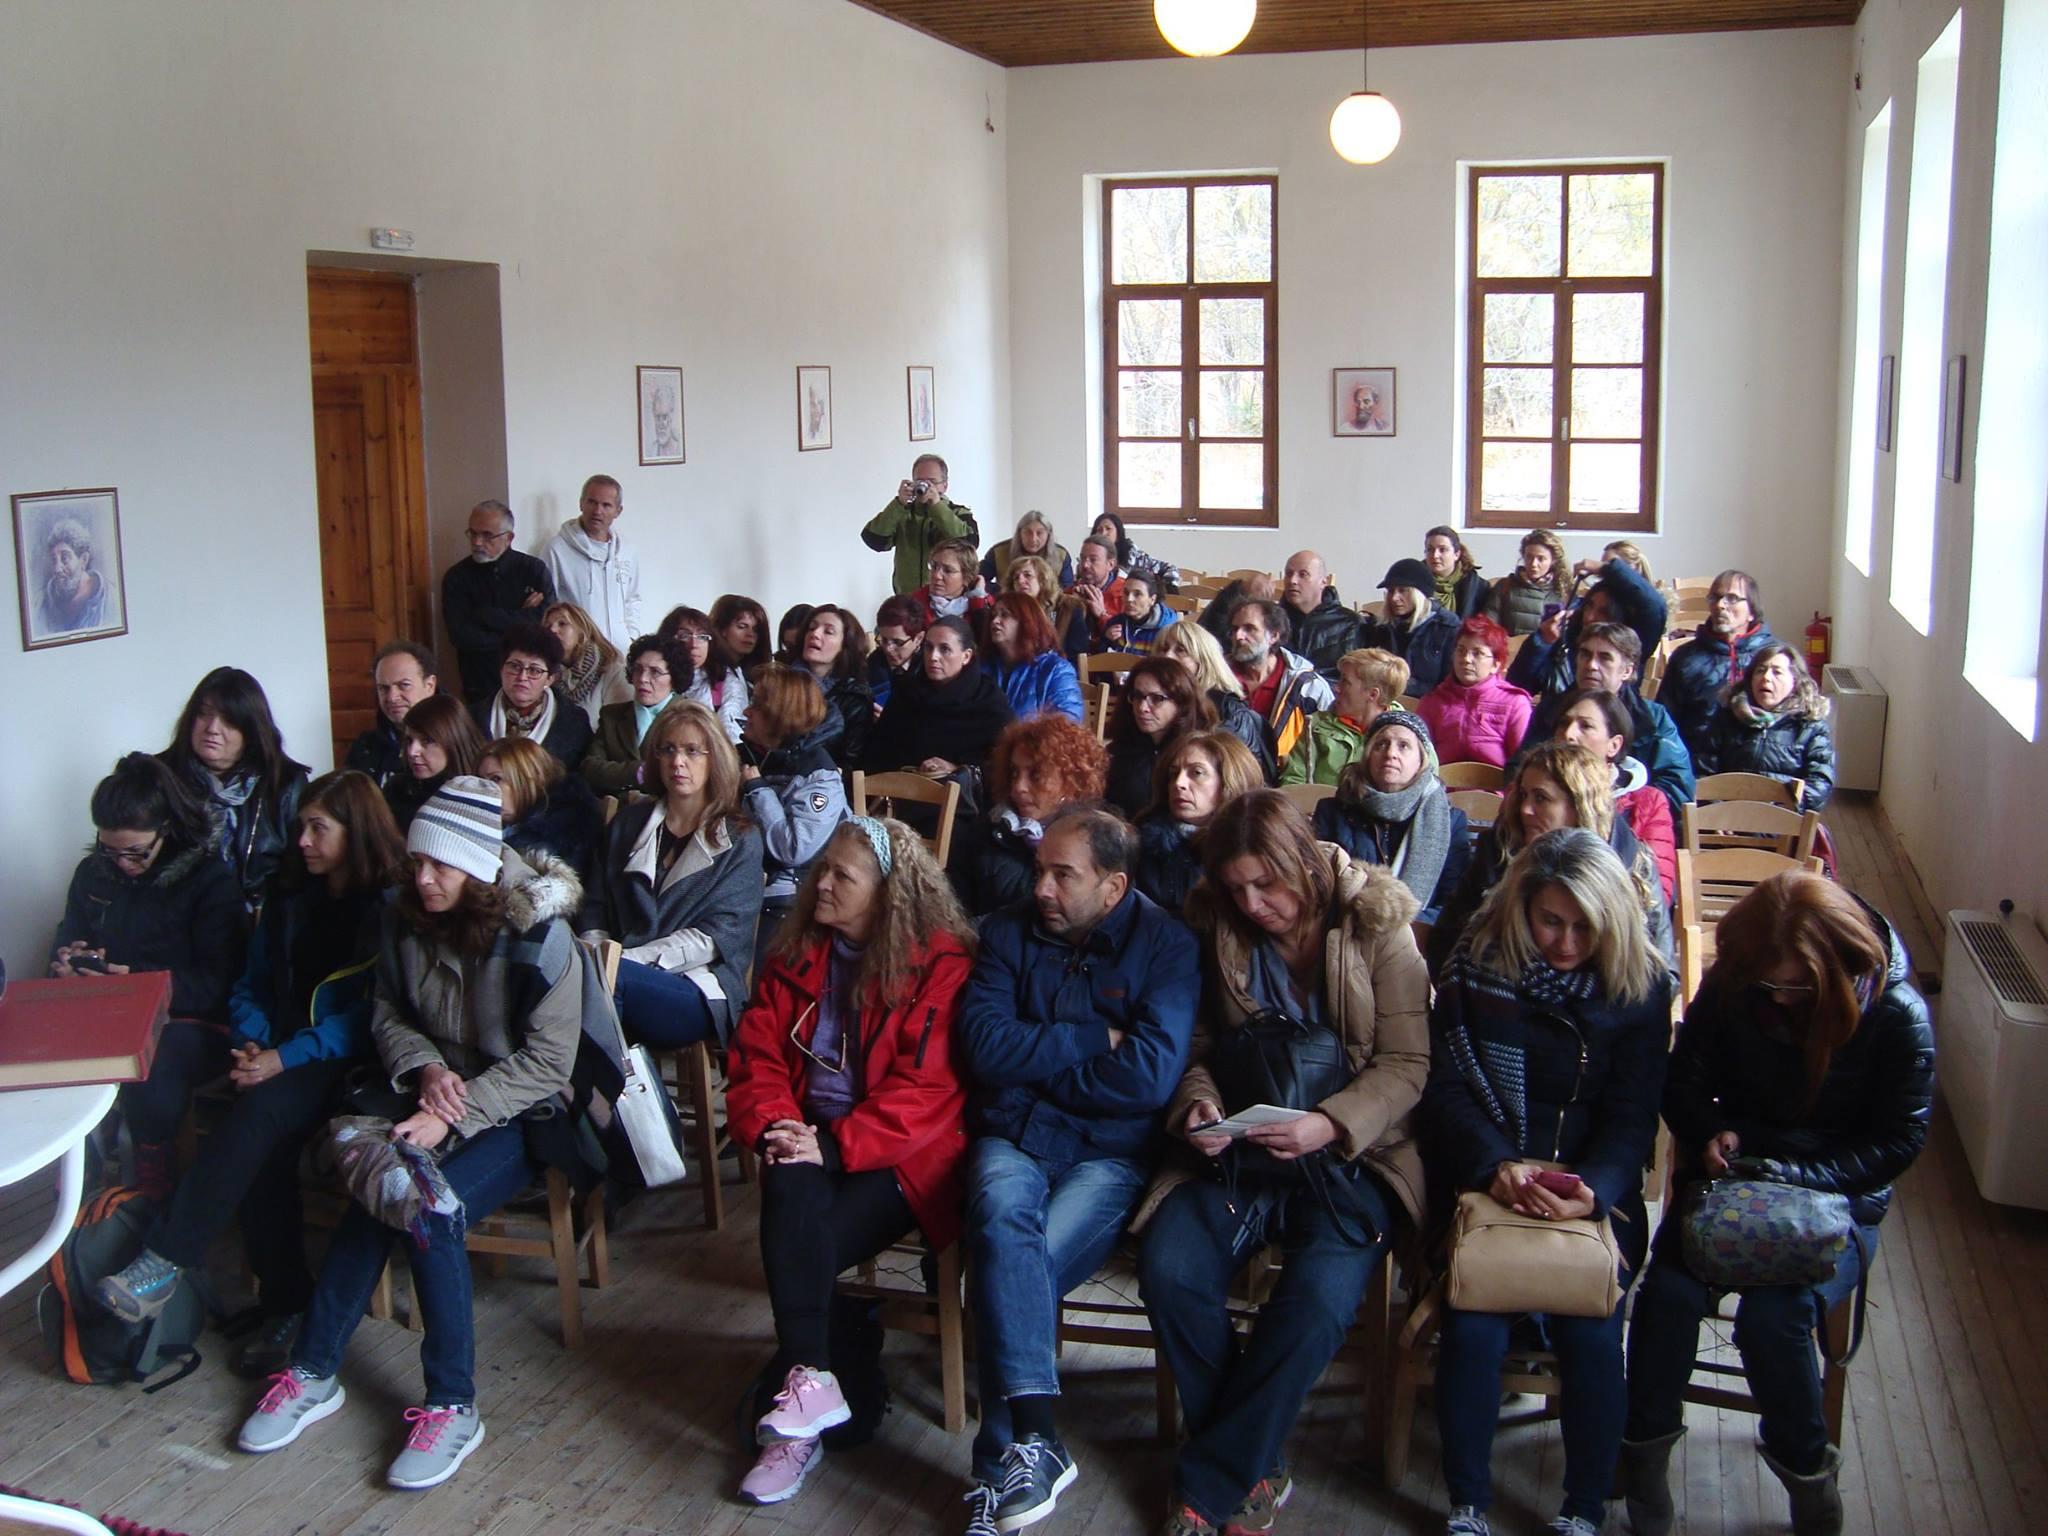 kozan.gr: Βελβεντό – Καταφύγι: Ενδιαφέρον τριήμερο για εκπαιδευτικούς που συμμετείχαν σε επιμορφωτικό σεμινάριο για τον Αλέξη (Γιώργη) Ζορμπά (Φωτογραφίες)